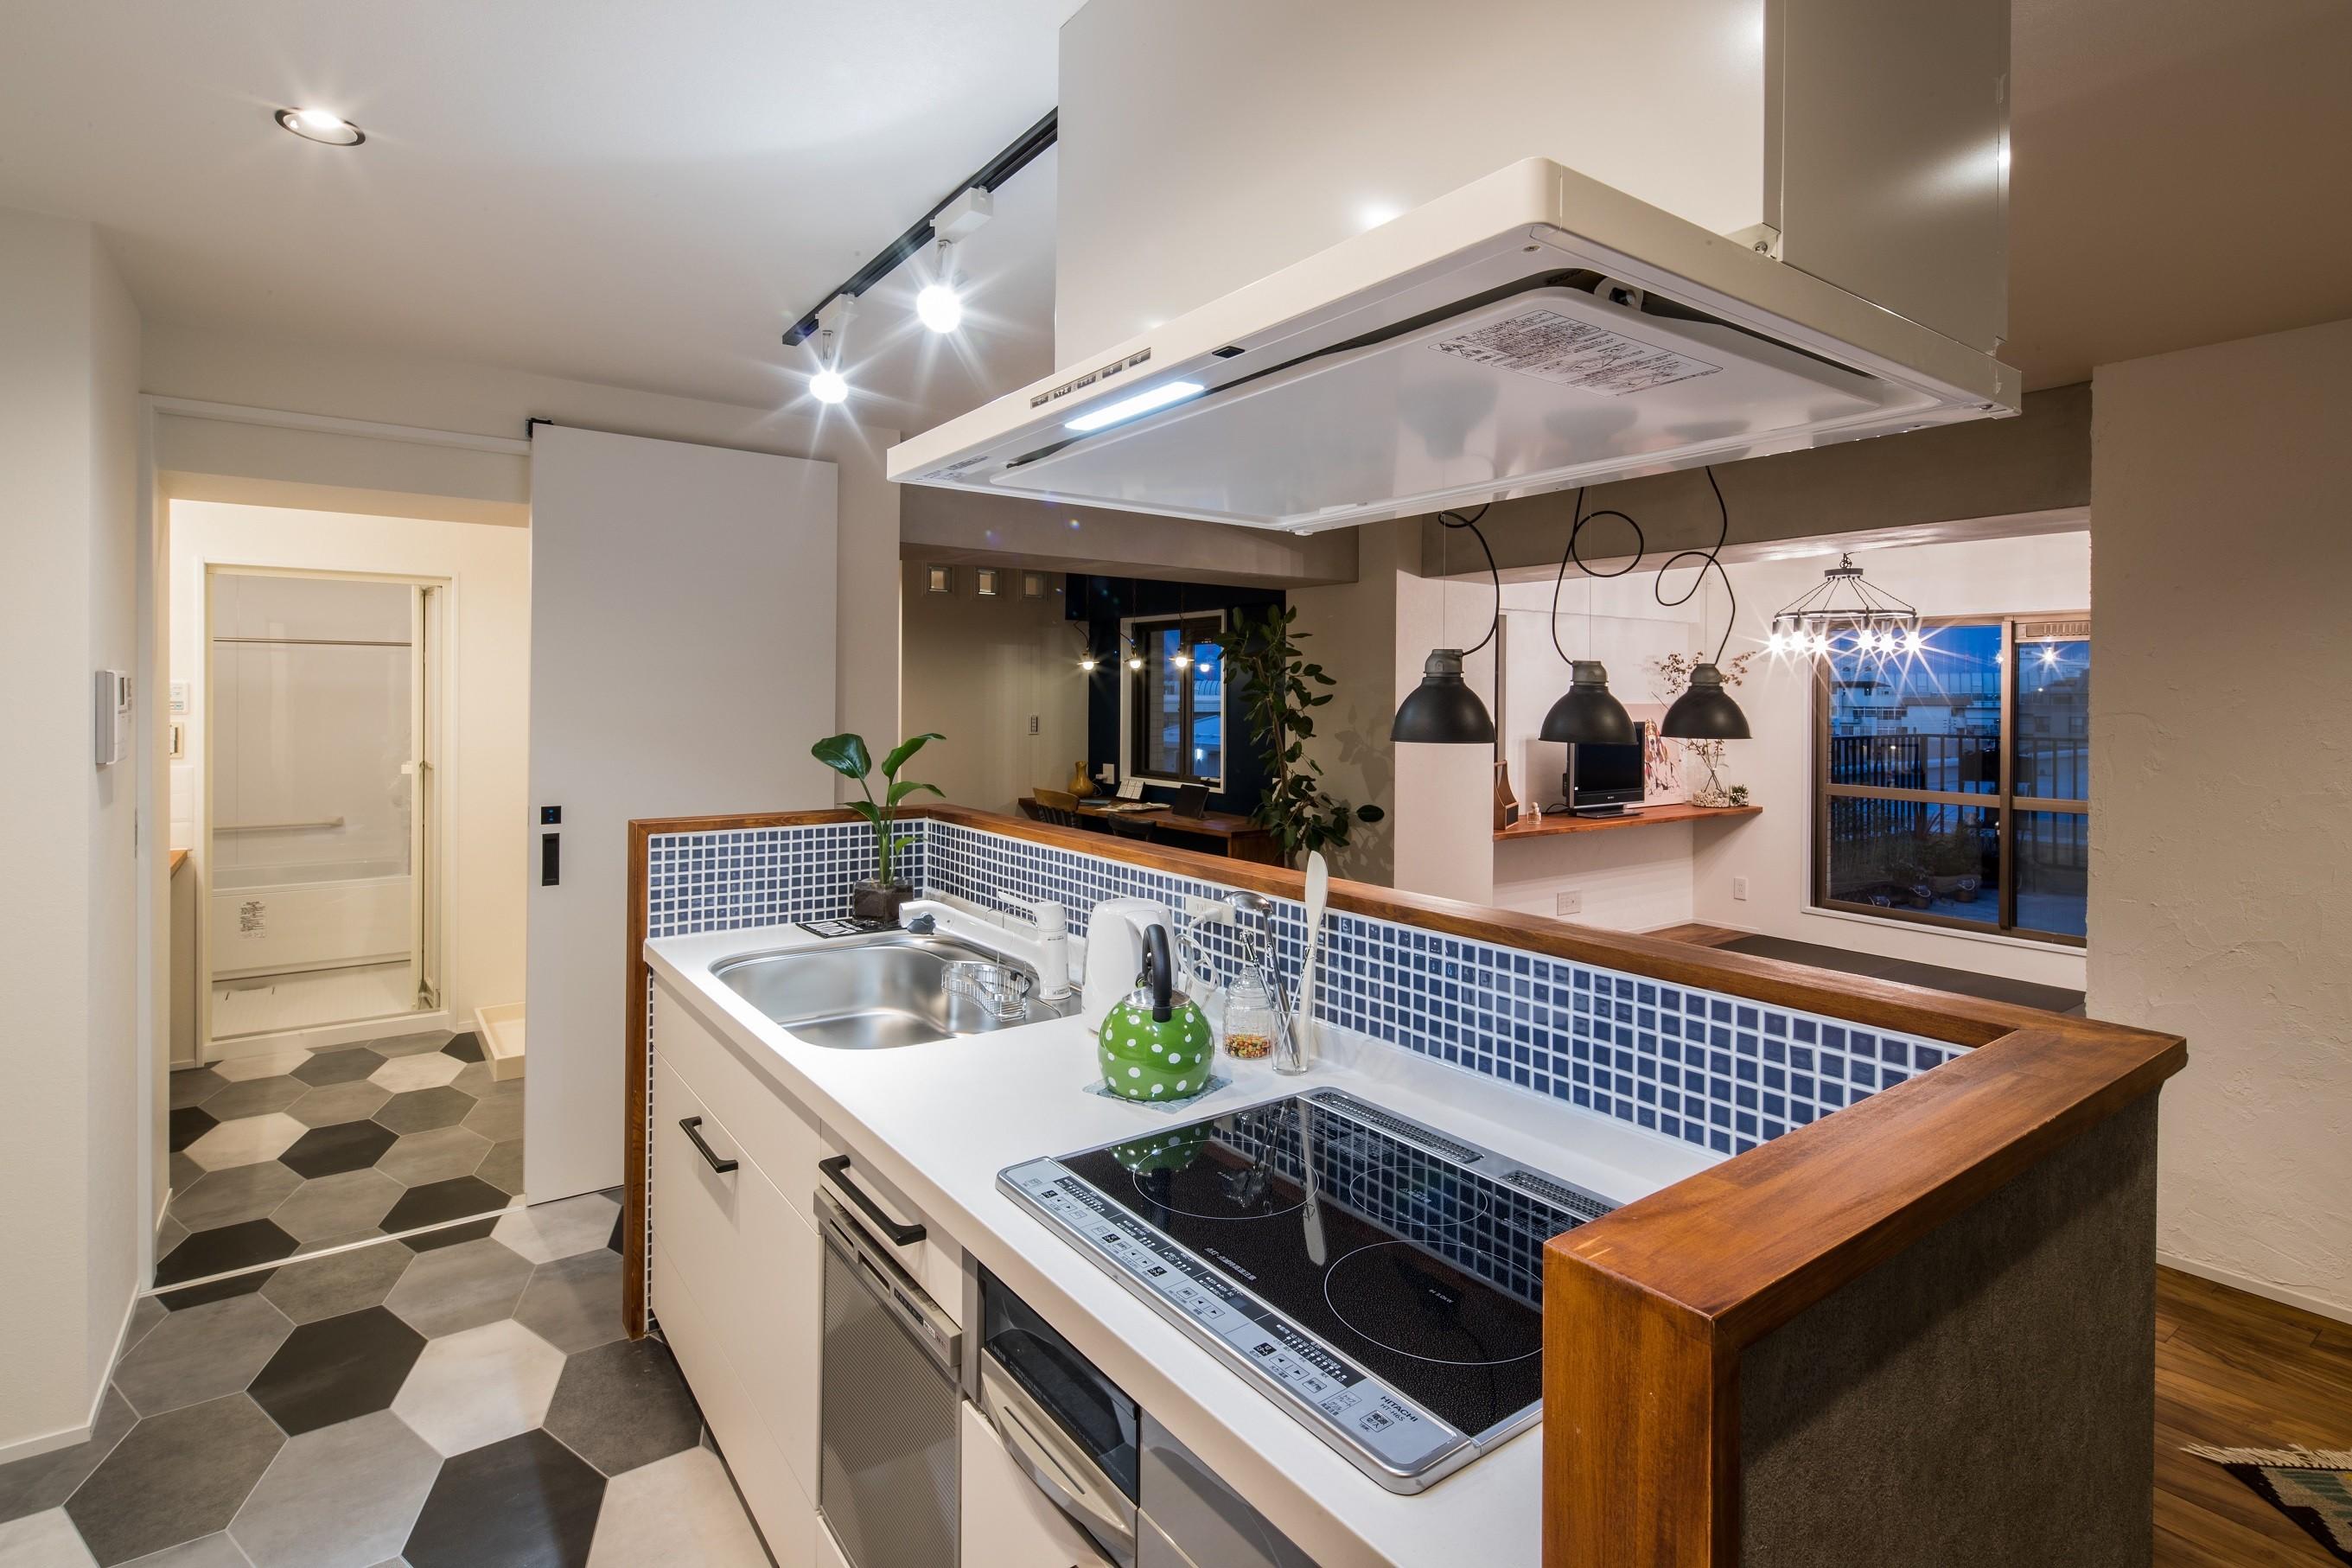 キッチン事例:キッチン(アウトドアリビングの暮らしを楽しめる家)